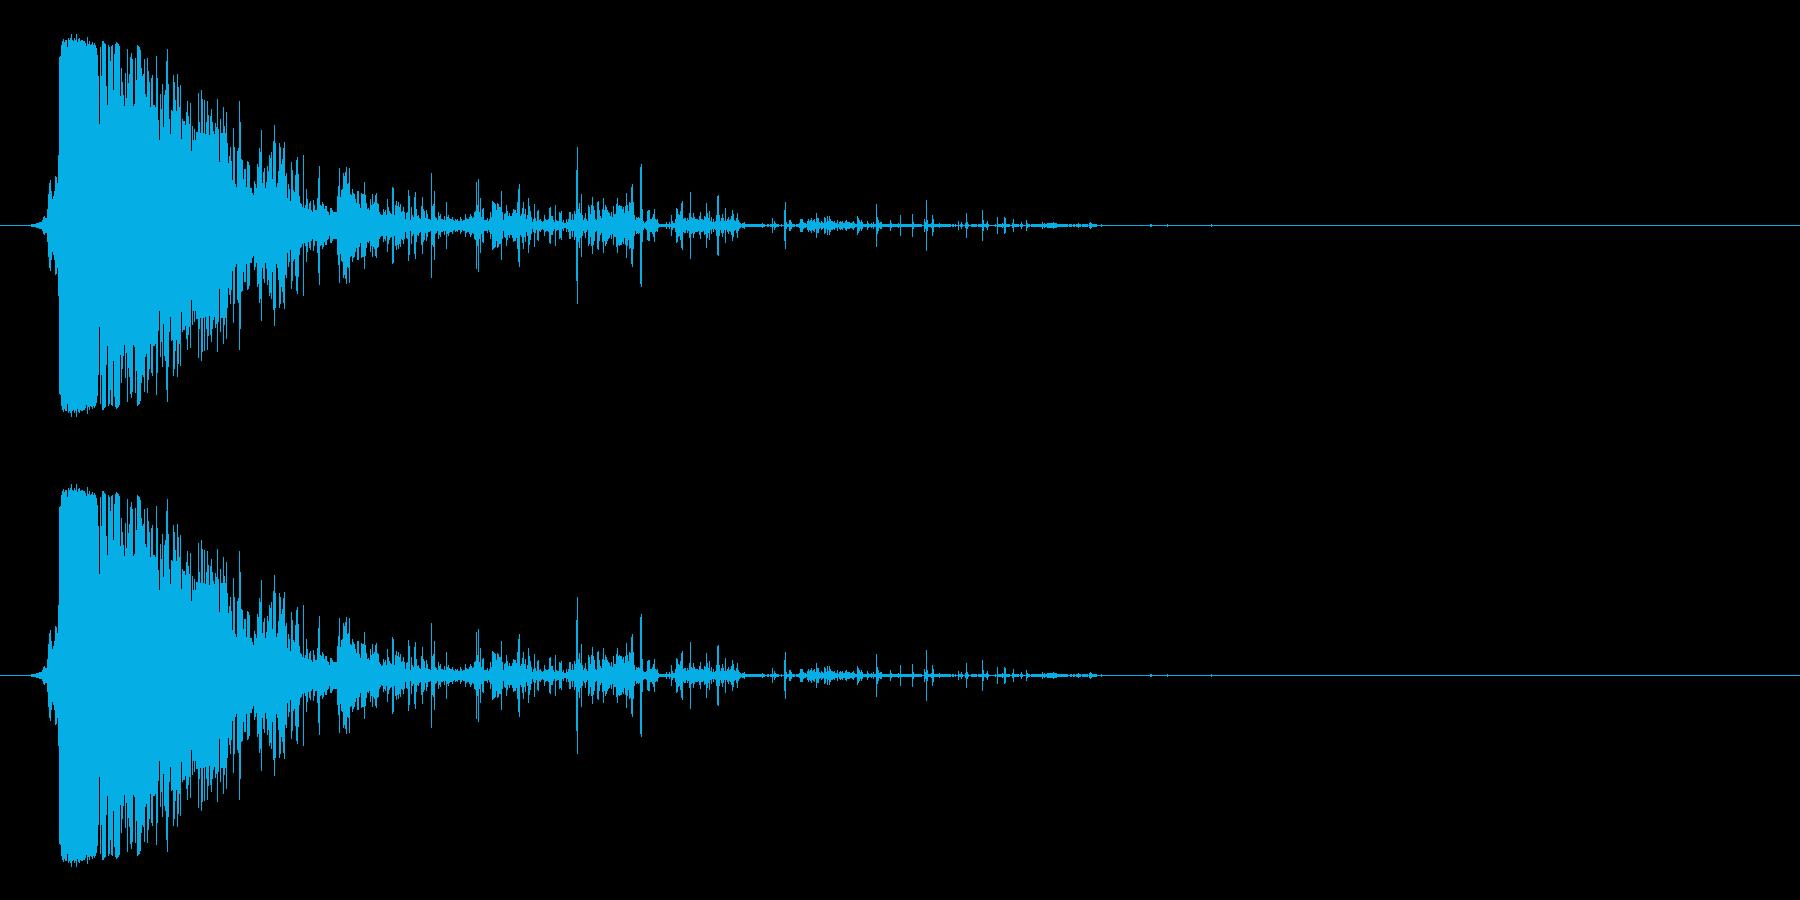 剣・刀で斬る音_4の再生済みの波形